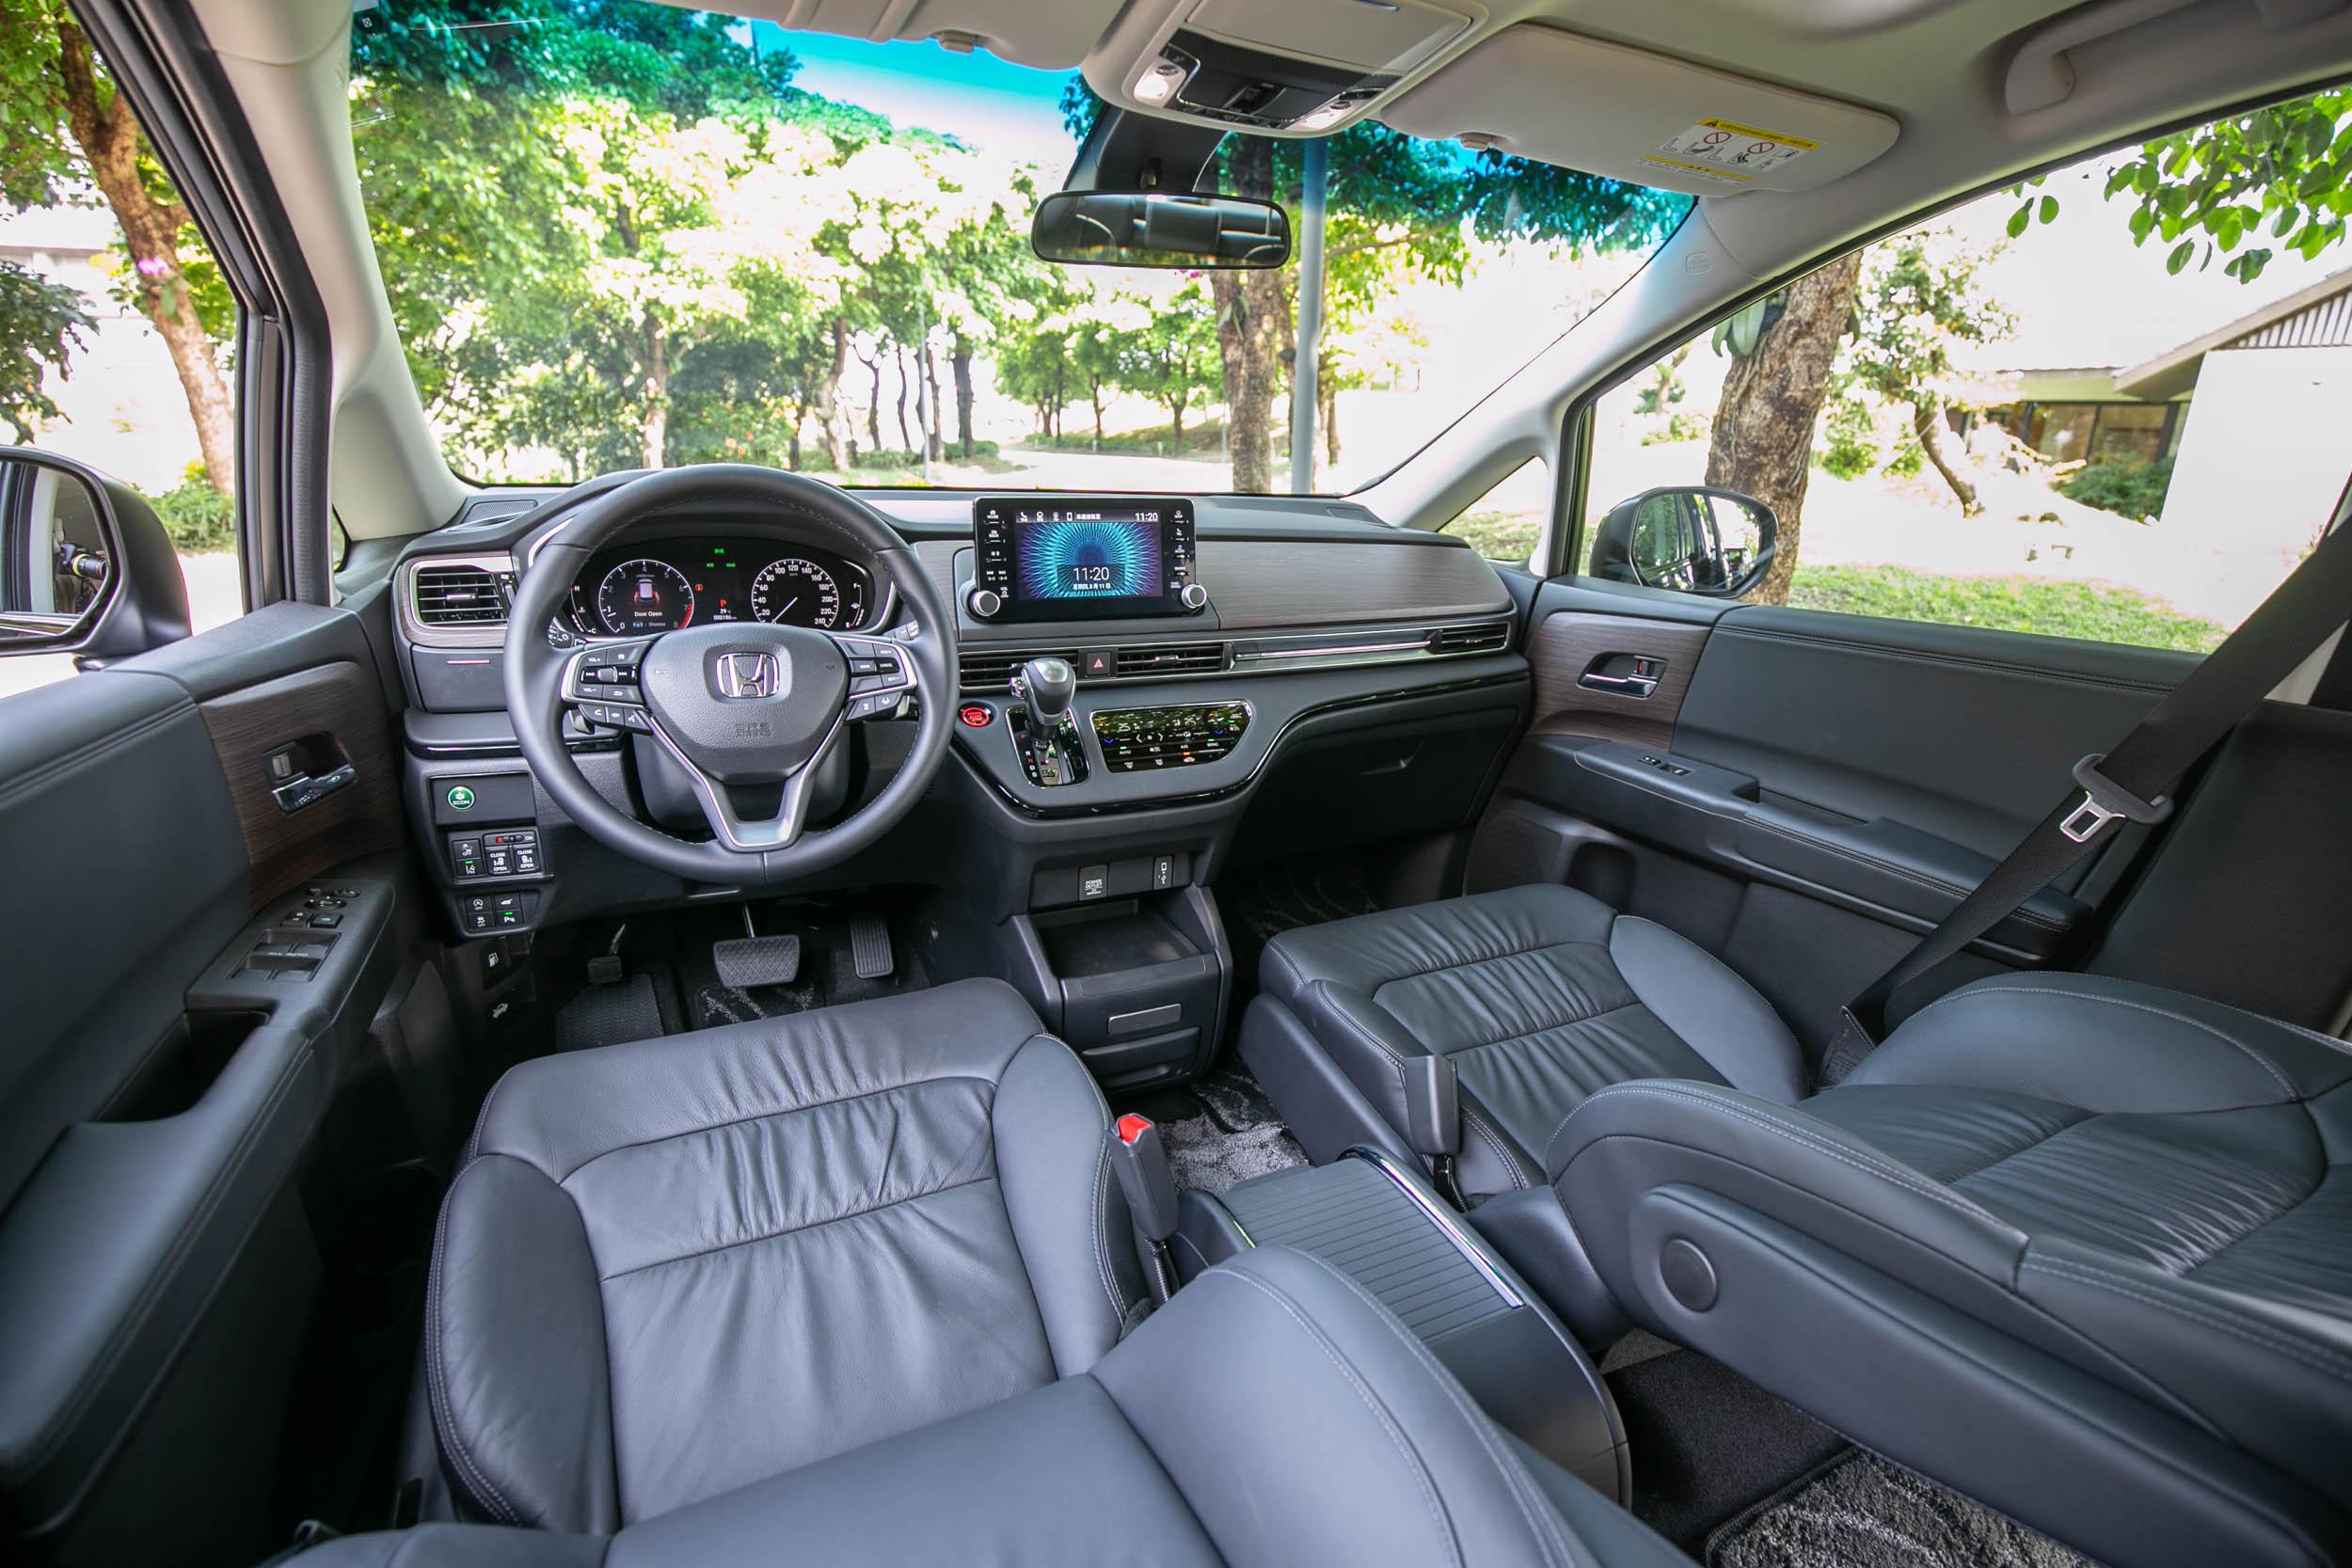 座艙透過設計面與用料材質的改變,讓整體質感與使用便利性更為提升。